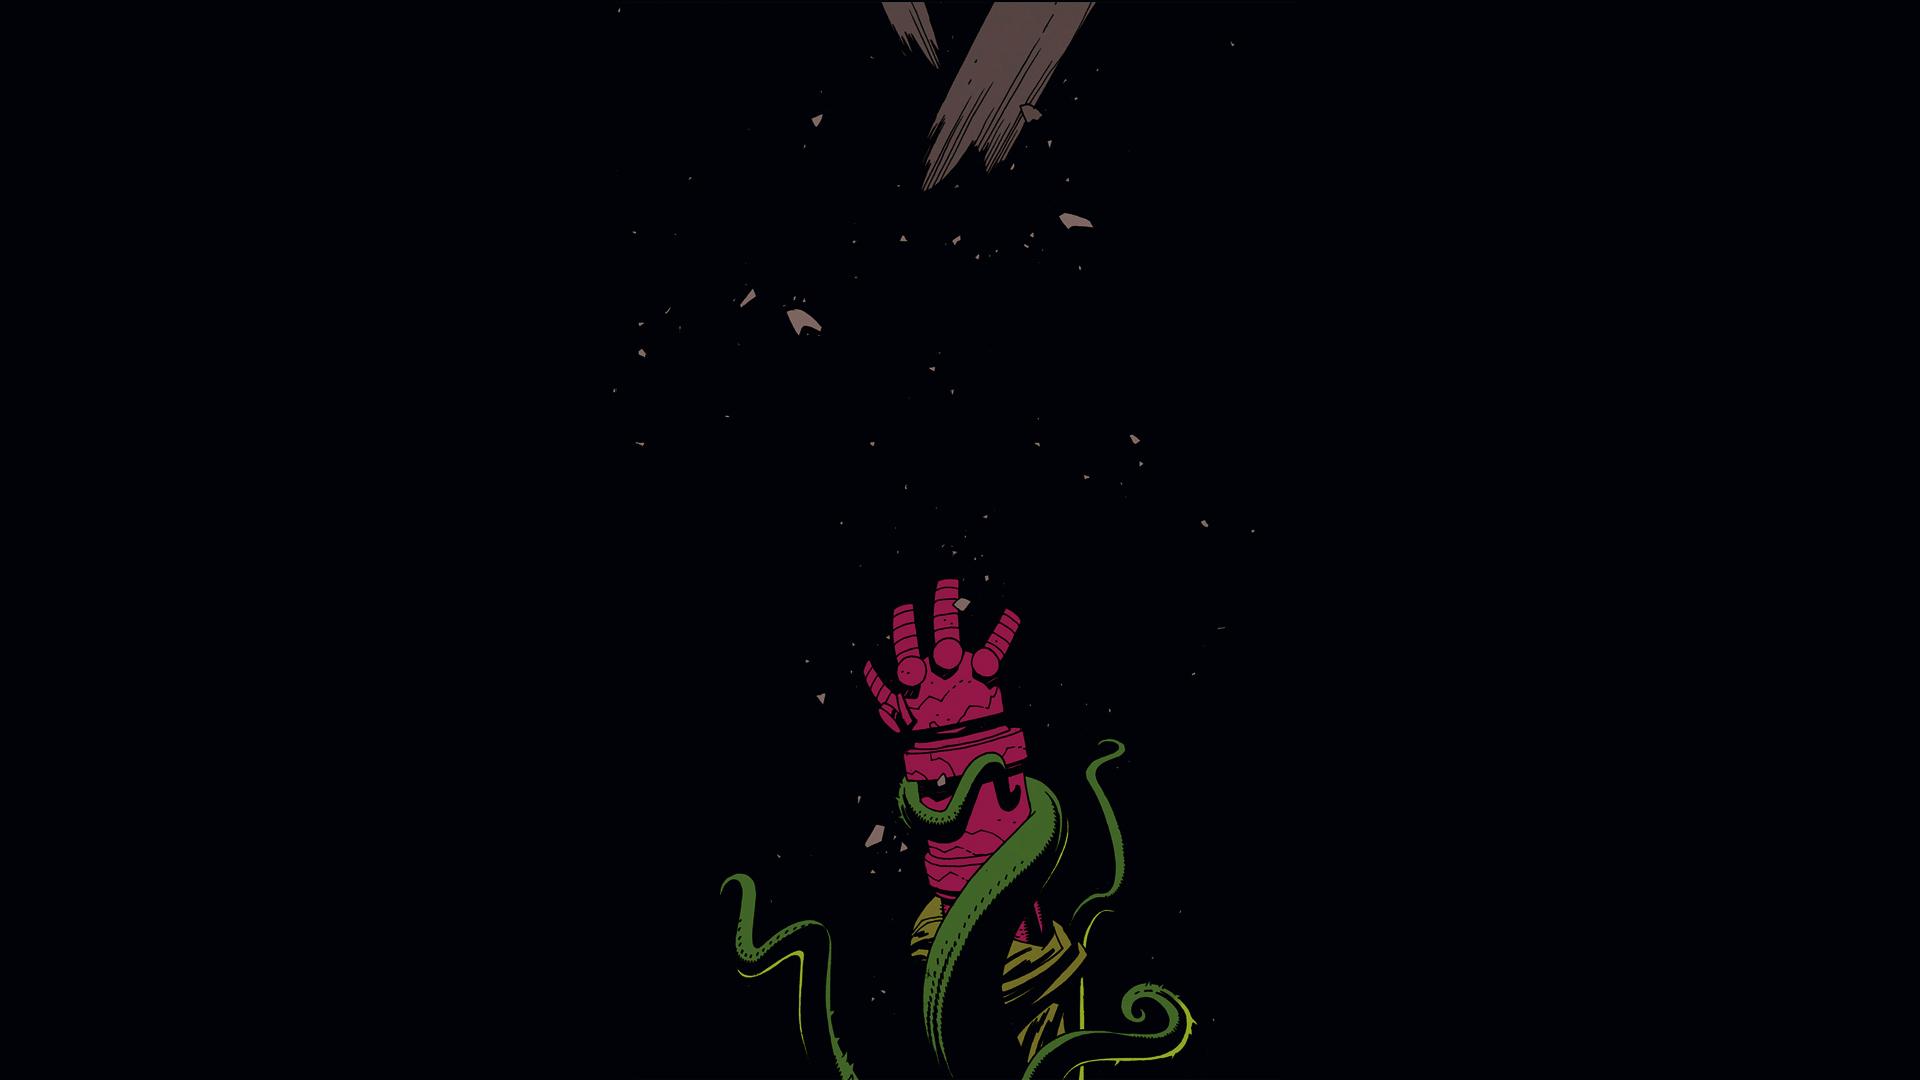 comics hellboy wallpaper